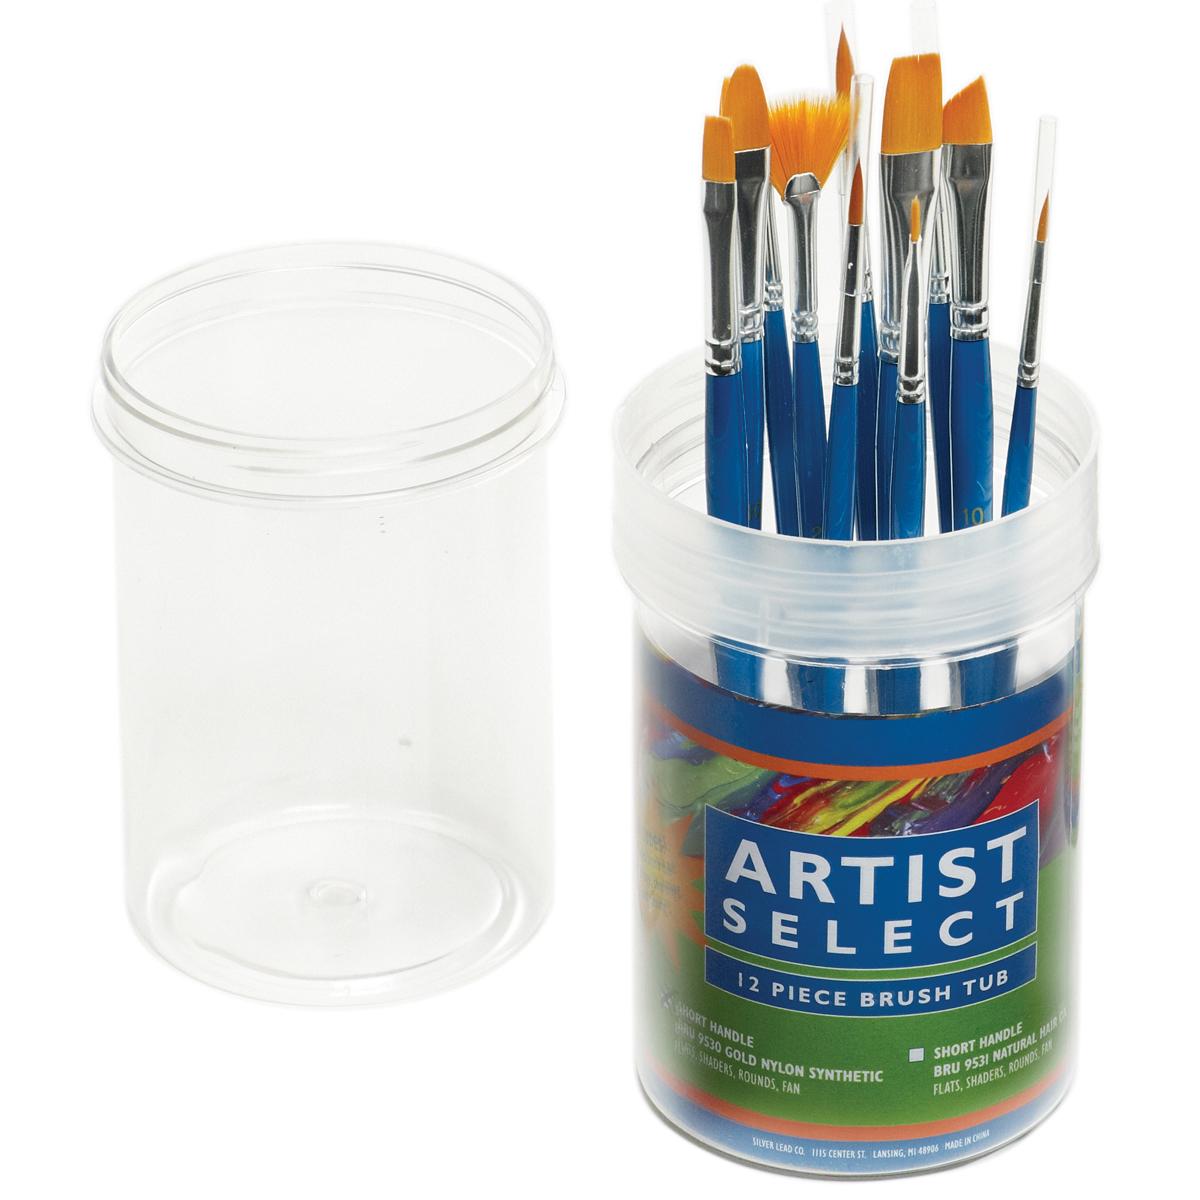 Pro Art Artist Select Short Handle Brush Tub Assortment 12/P-Gold Nylon